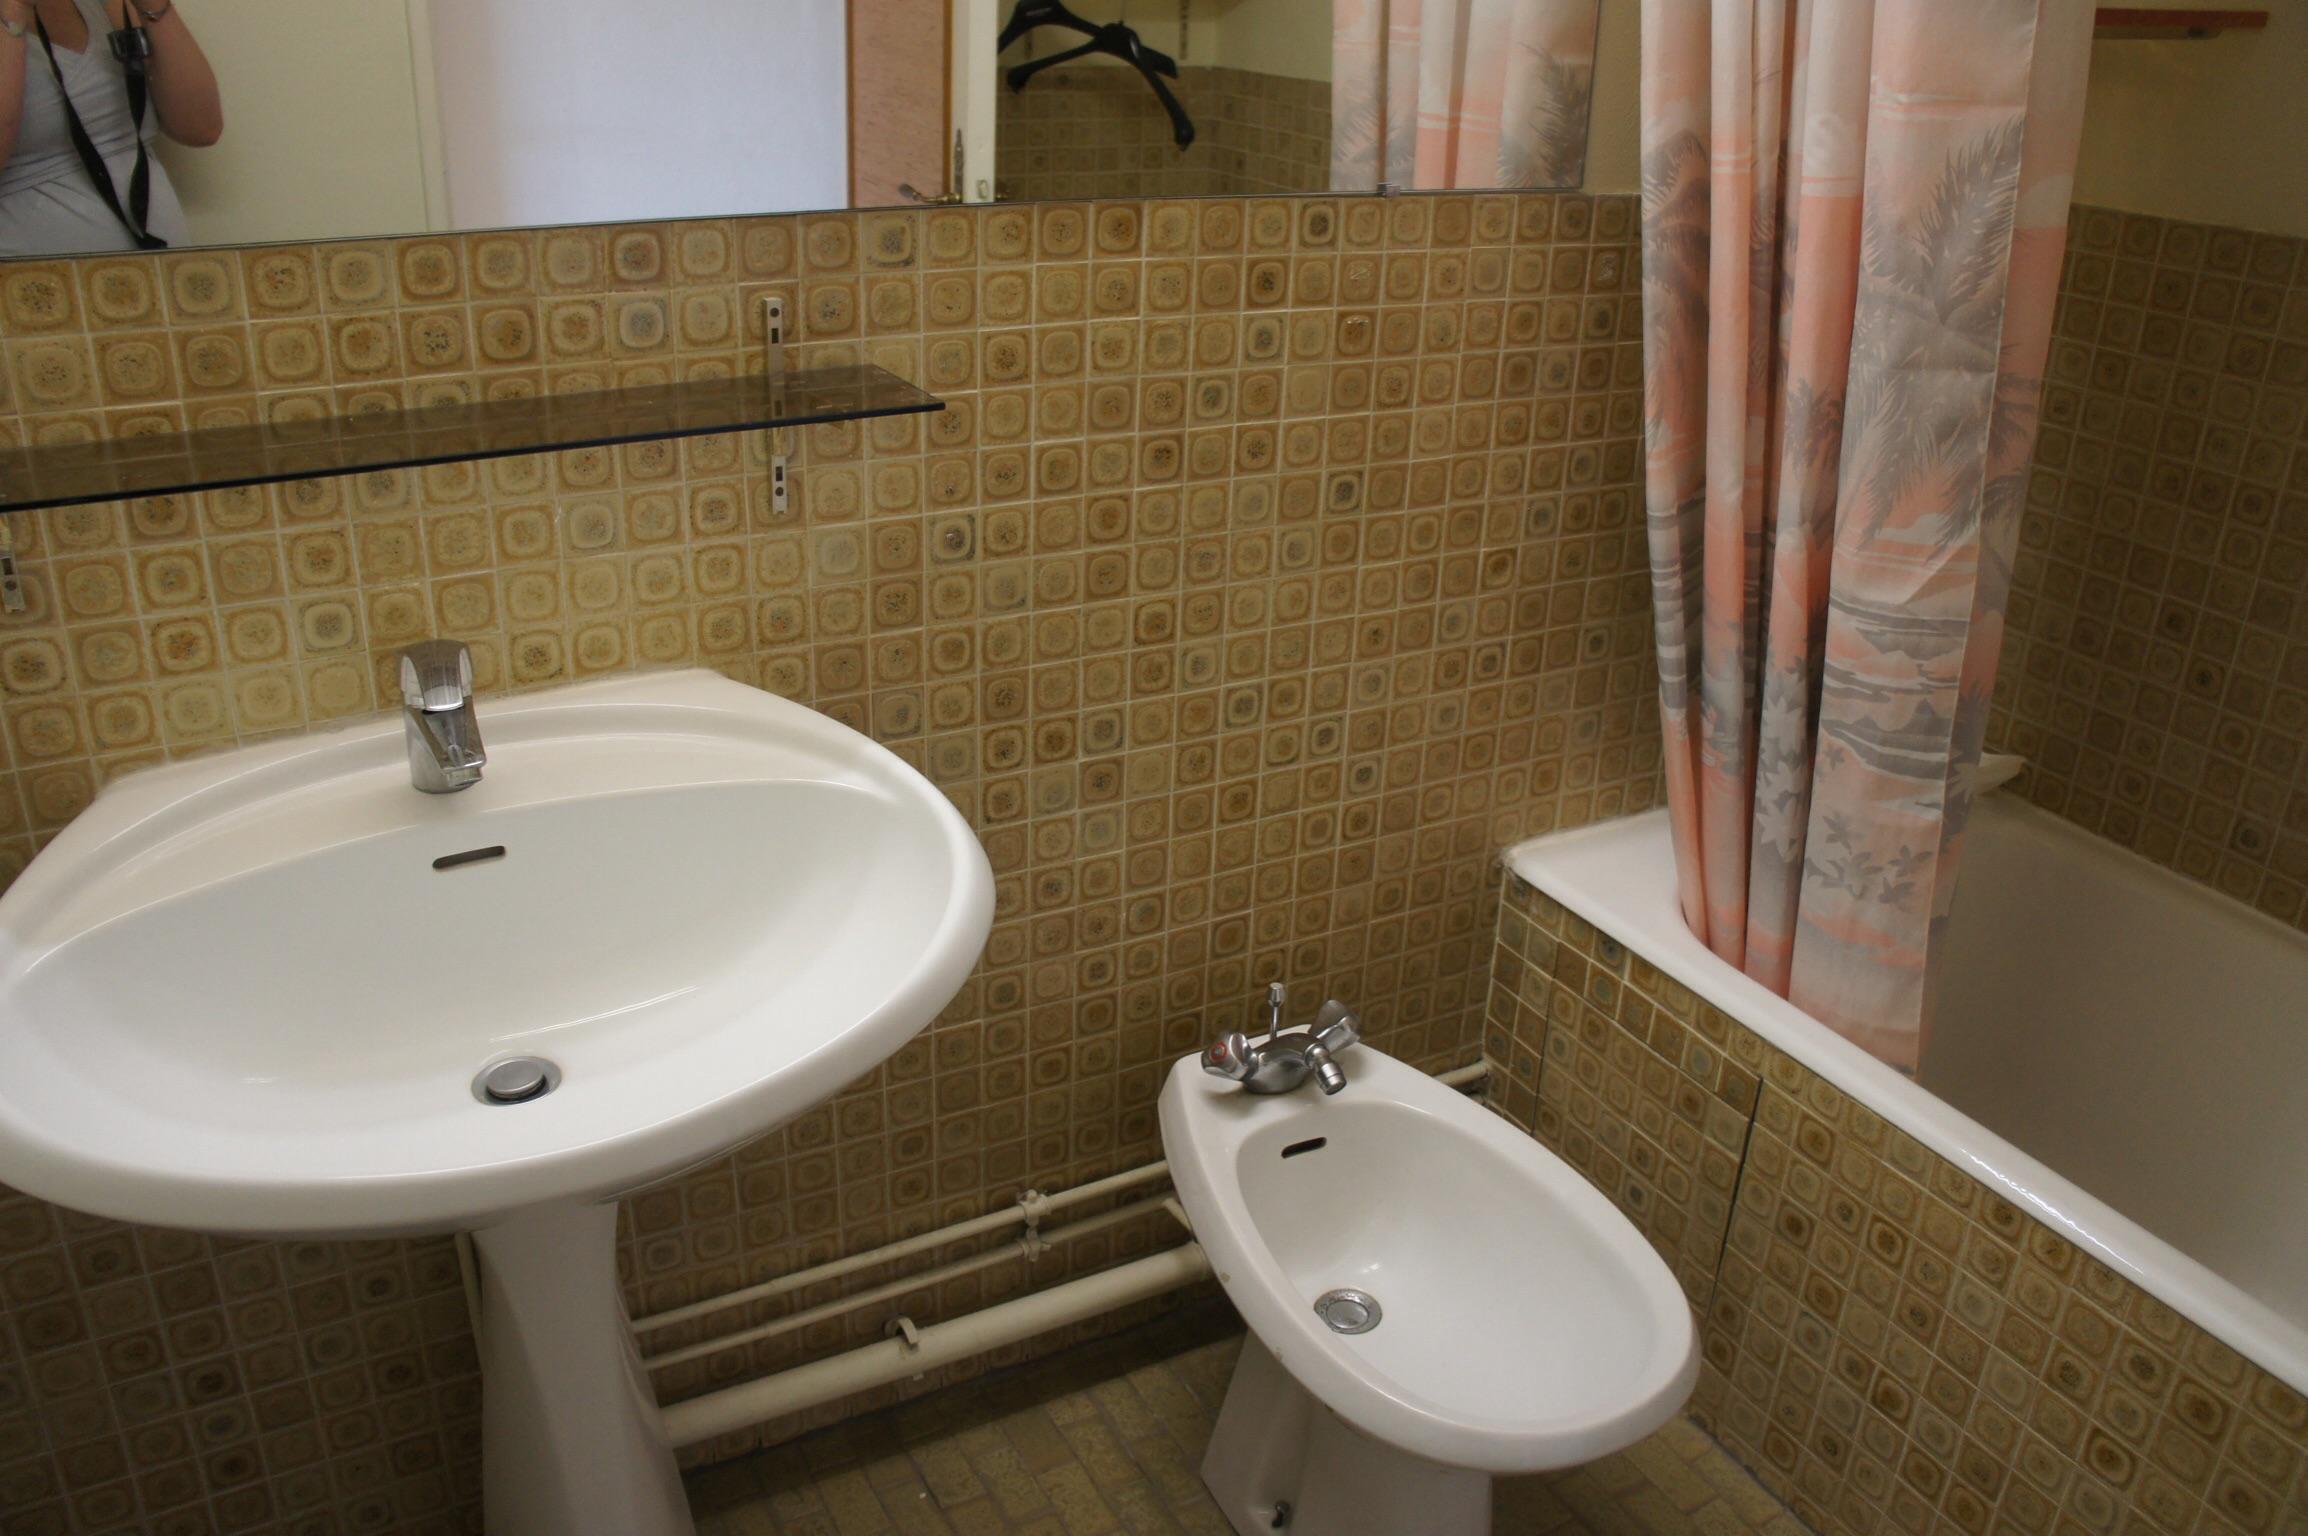 cacher un bidet dans une salle de bain mais trs peu esthtique la tuyauterie de salle de bain. Black Bedroom Furniture Sets. Home Design Ideas